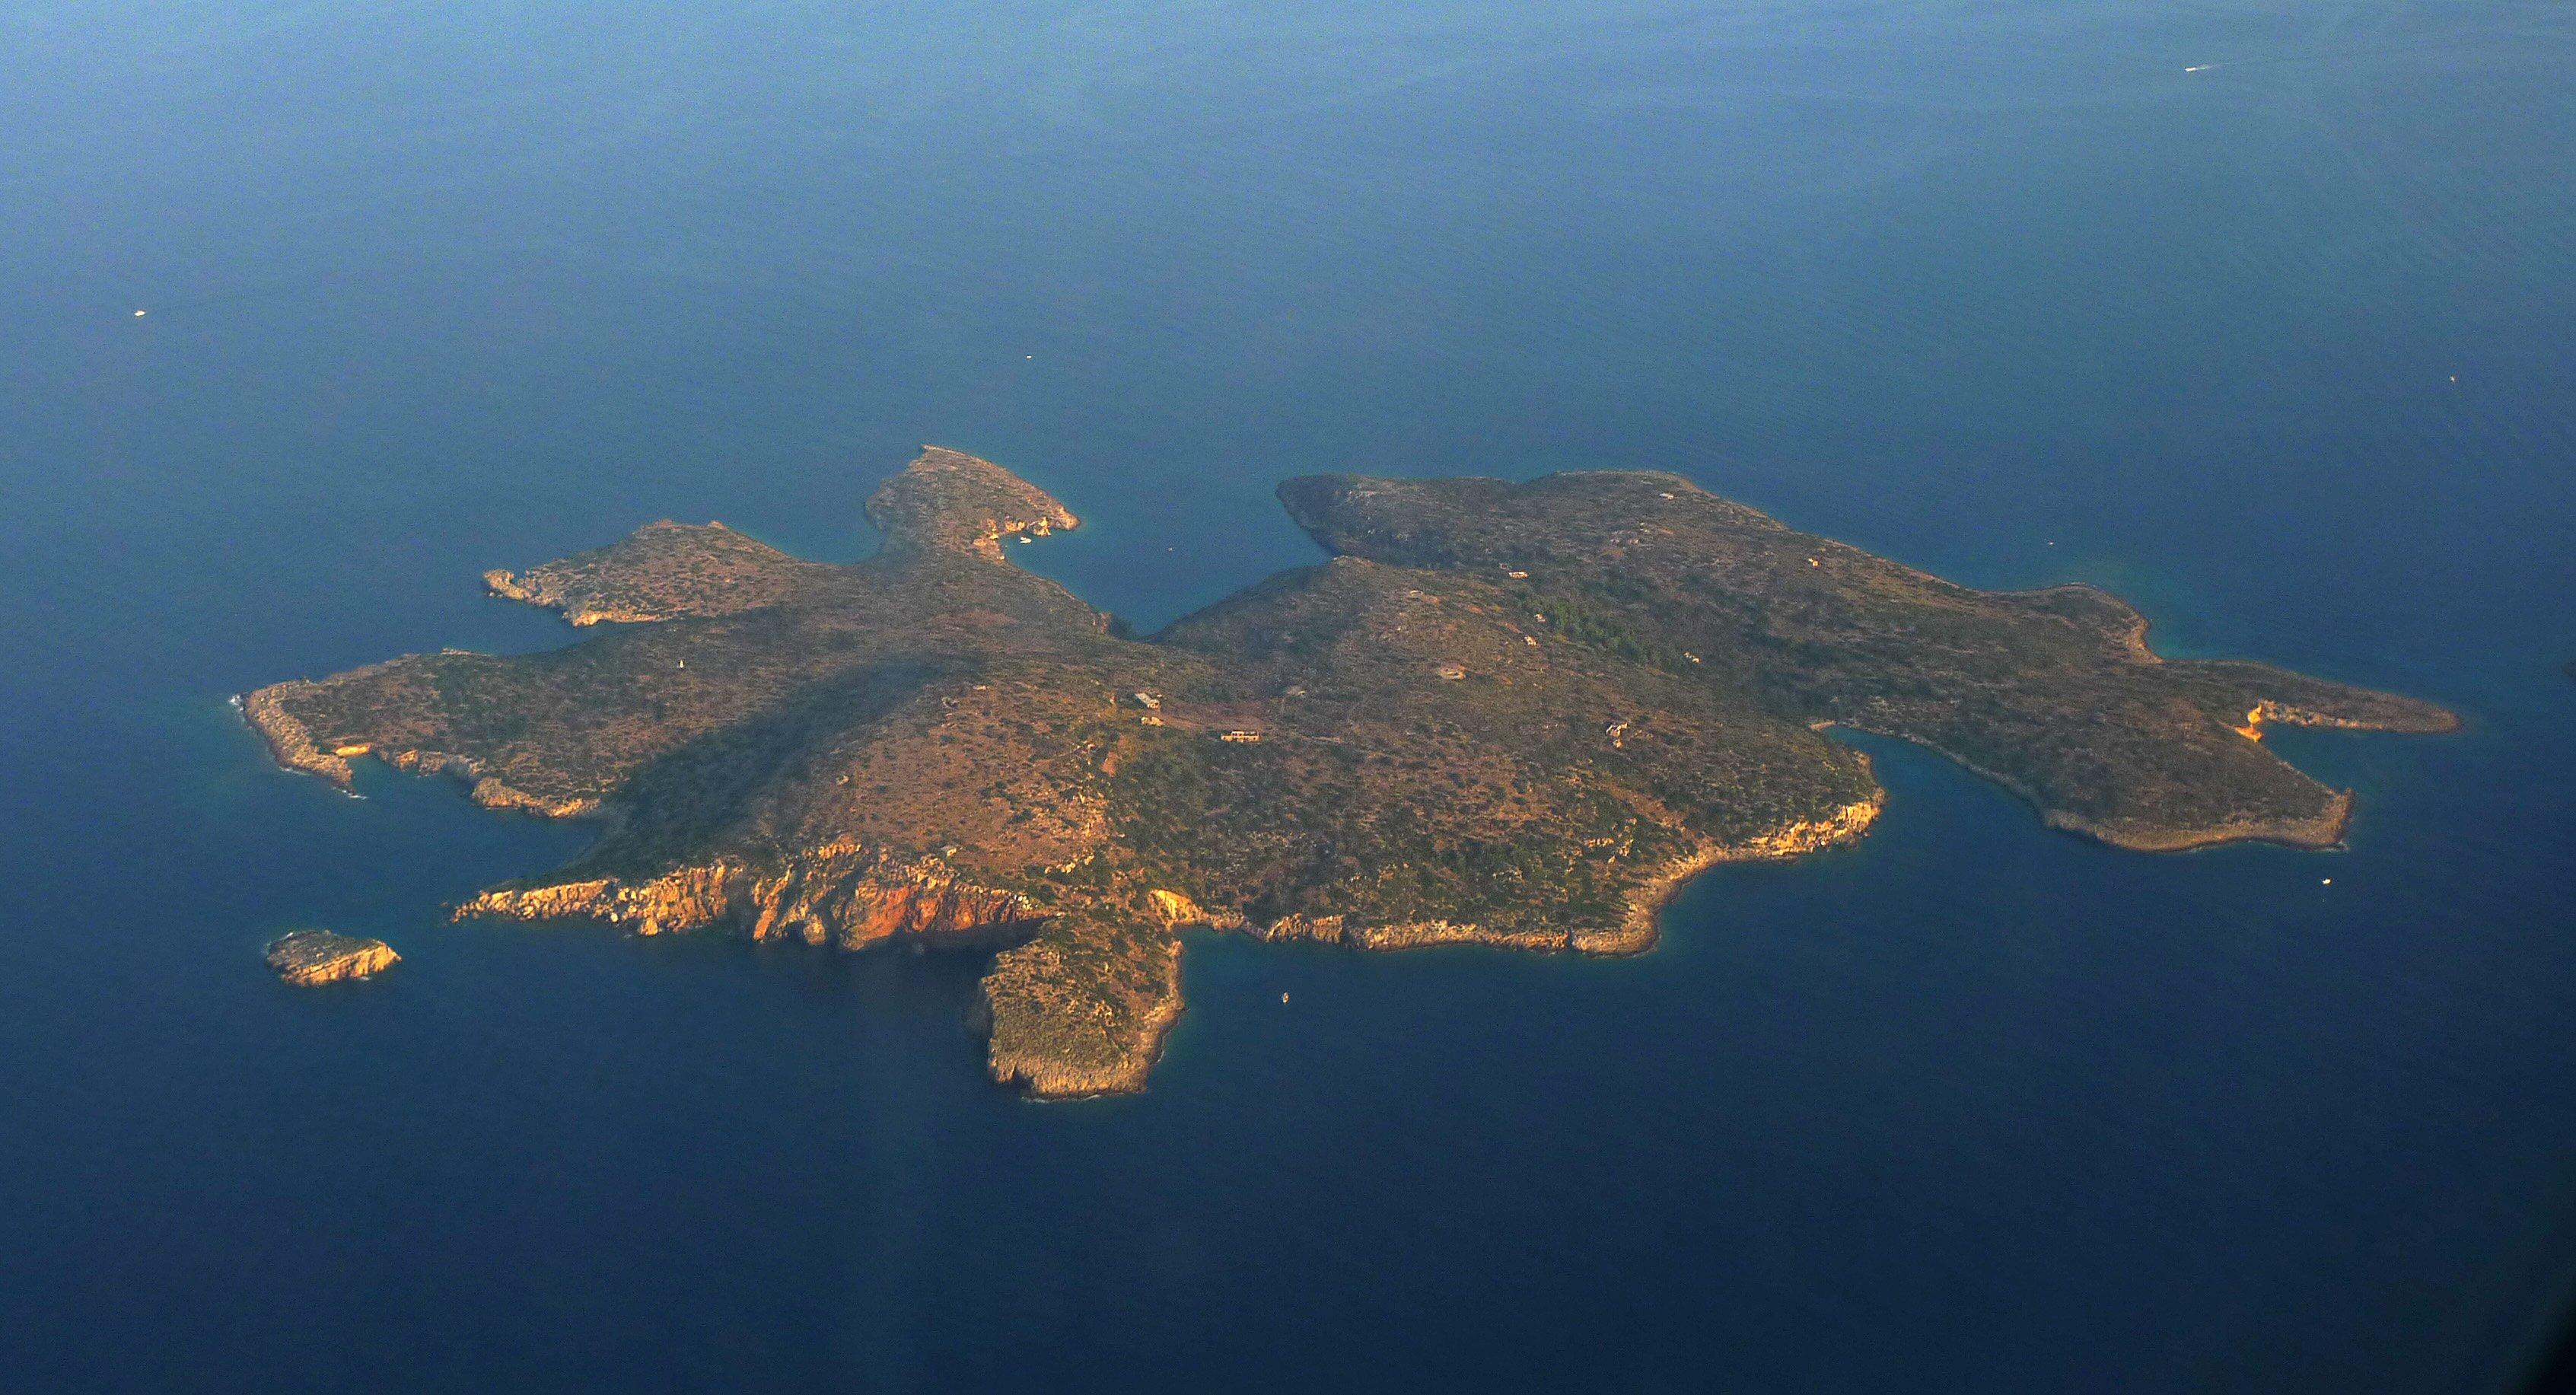 Aerial view of Fleves island